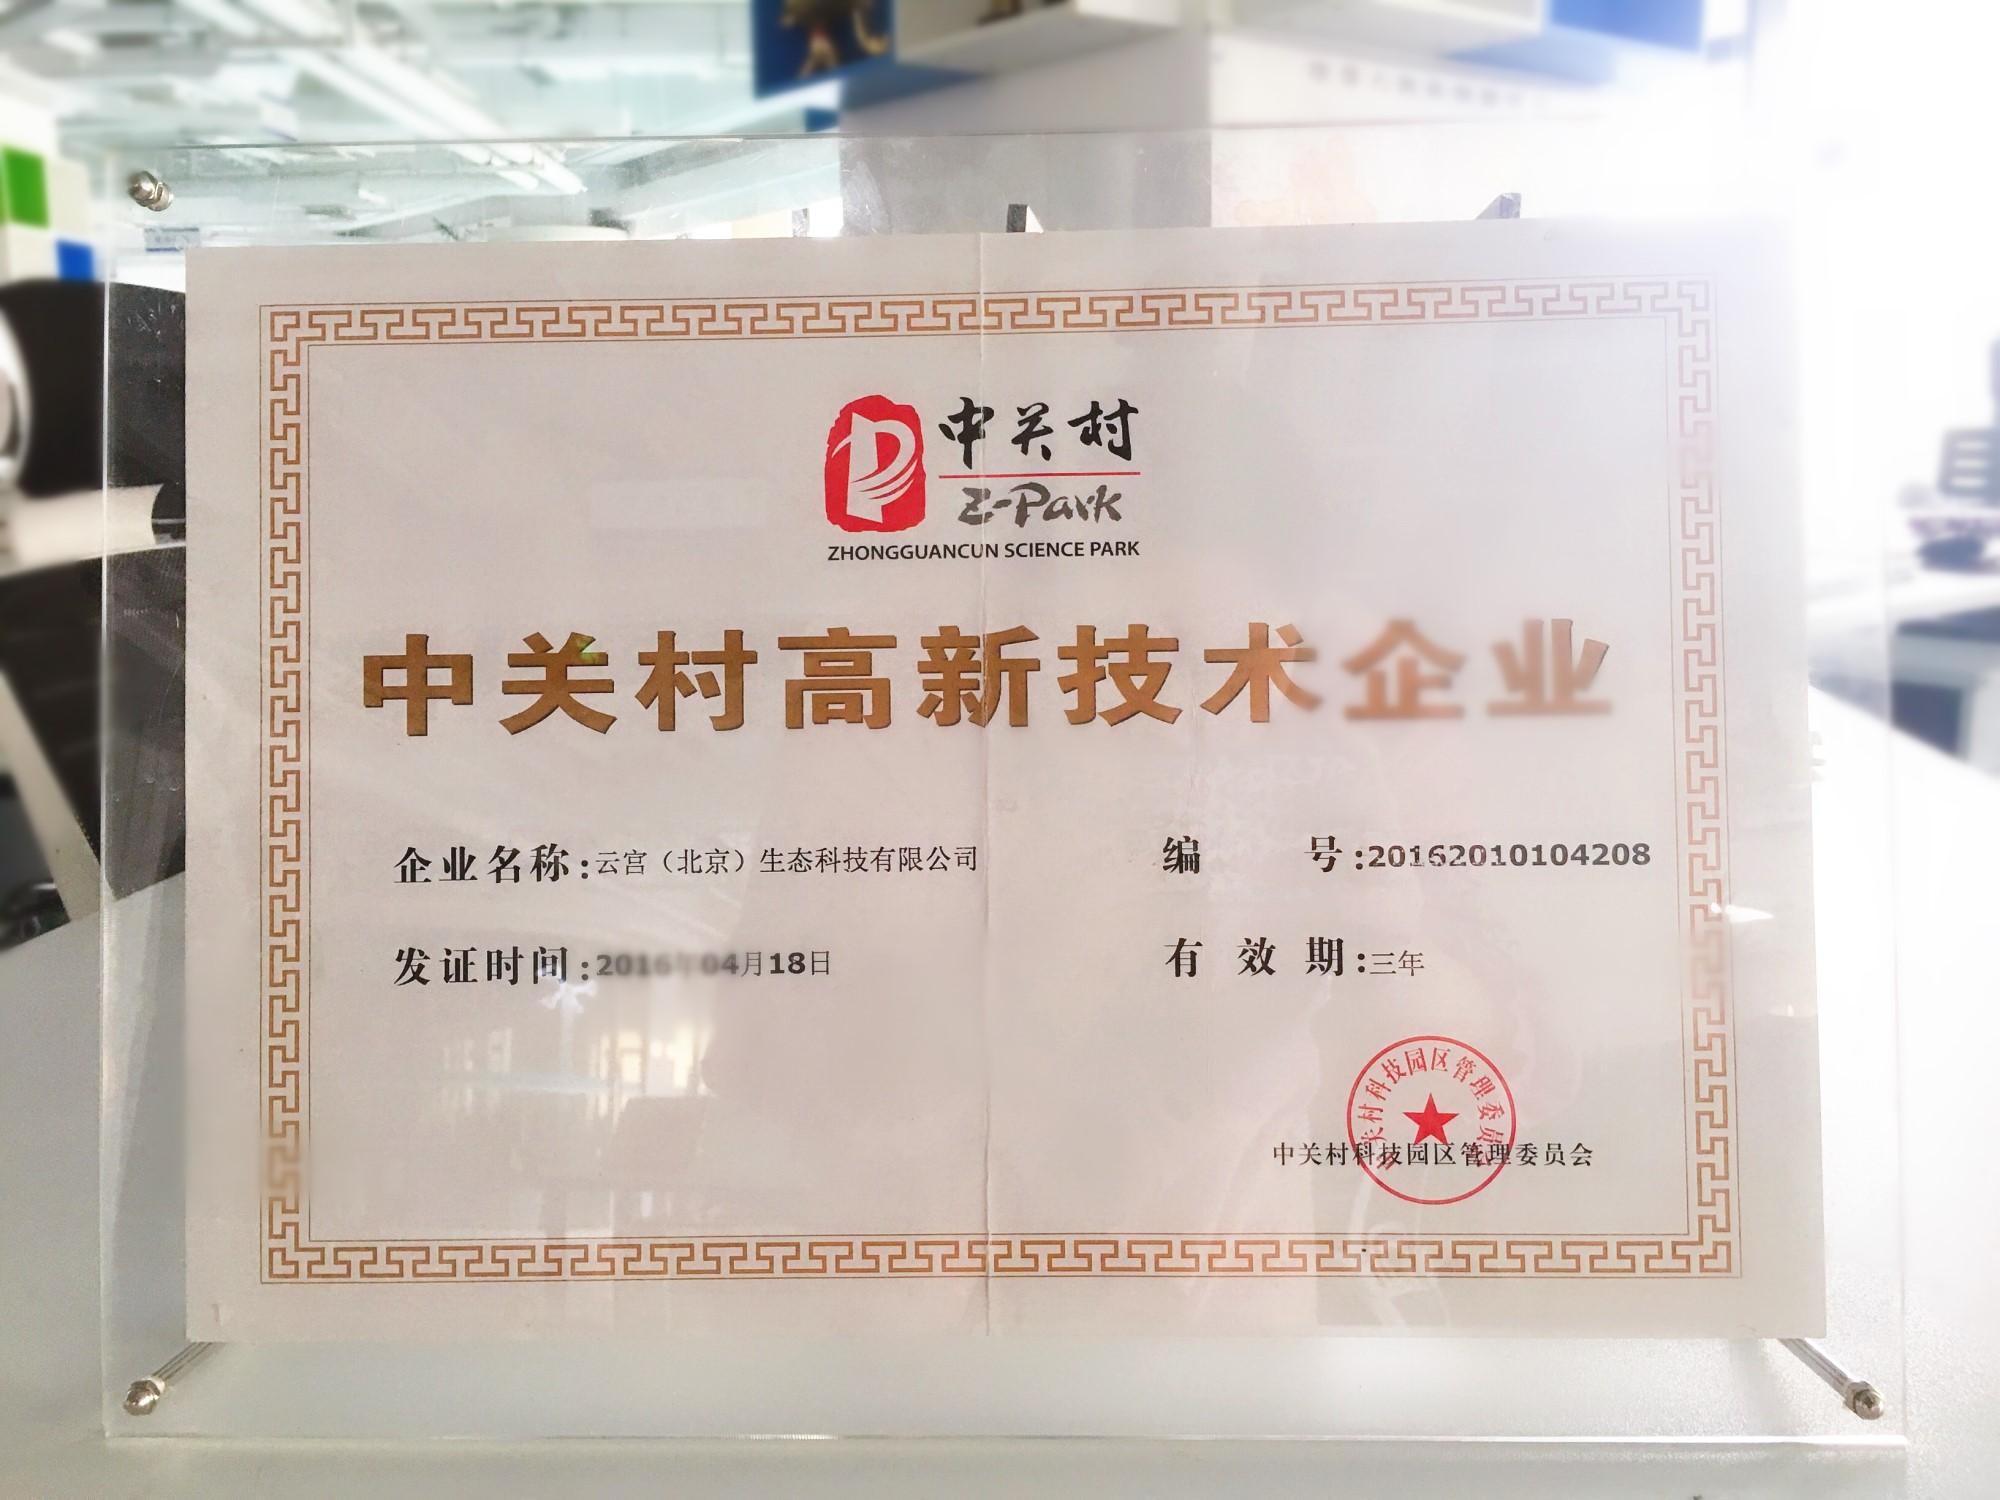 中关村高新技术企业